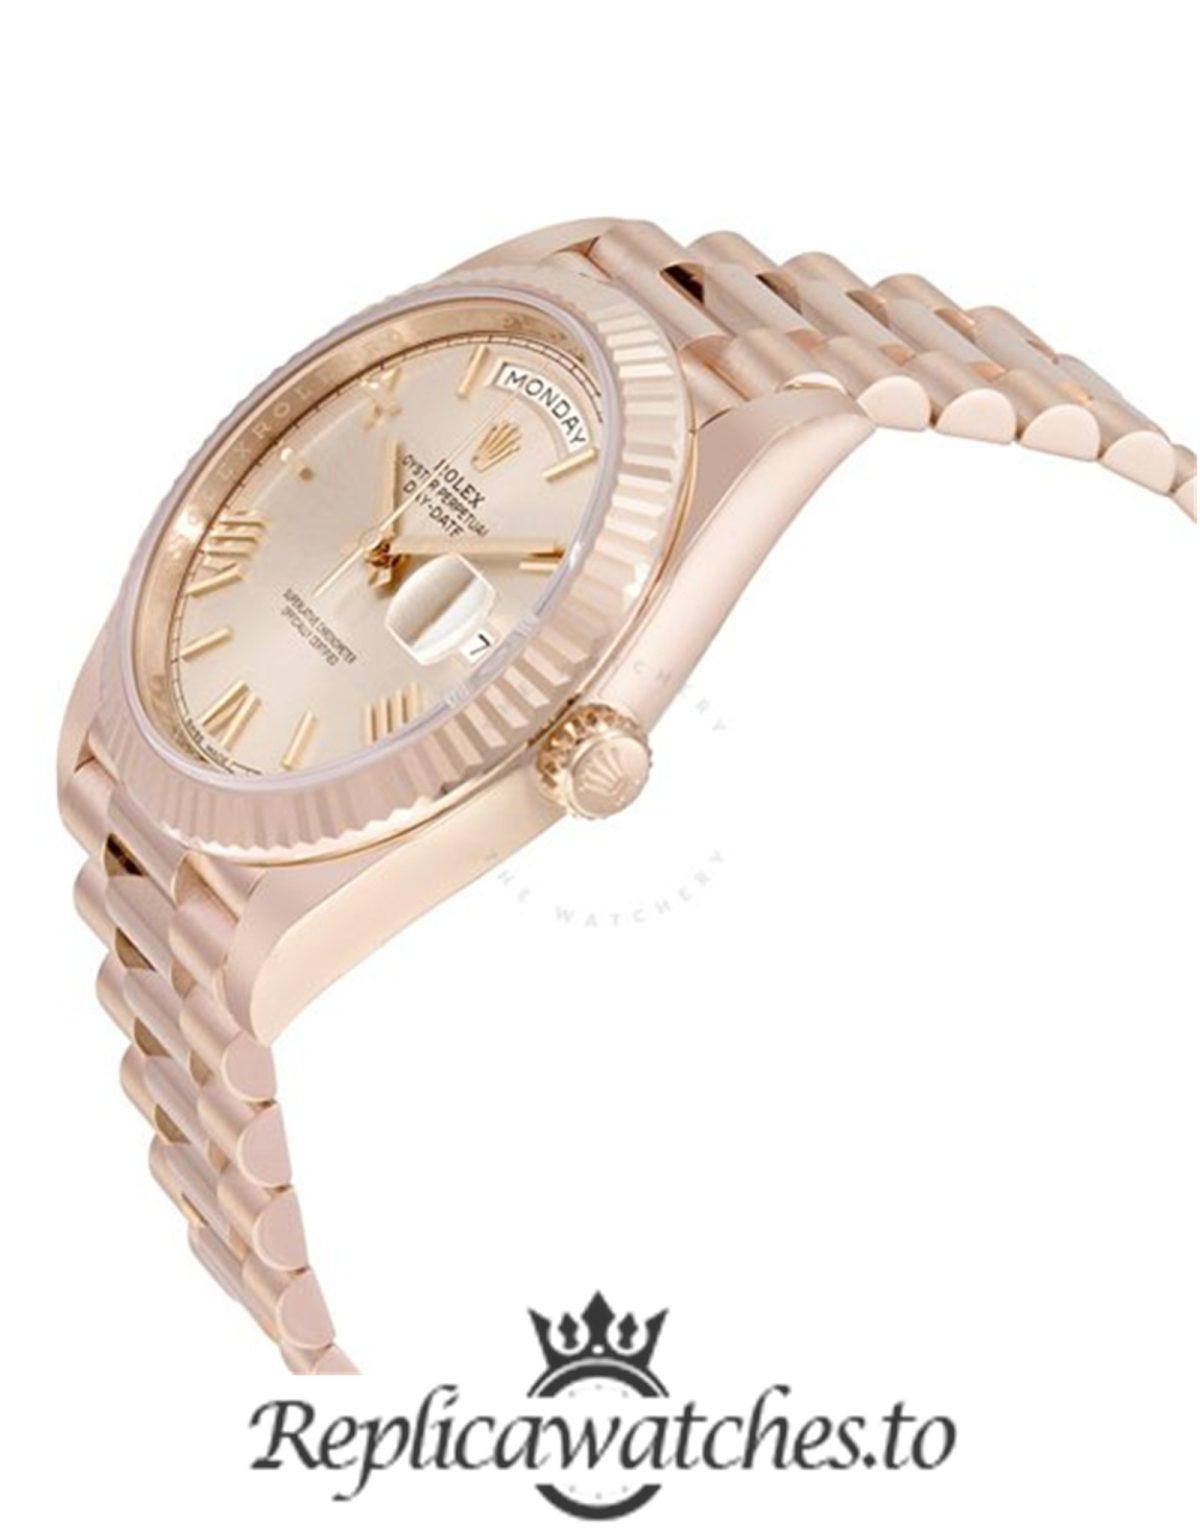 Rolex Day Date Replica 228235 003 Rose Gold Strap 40MM